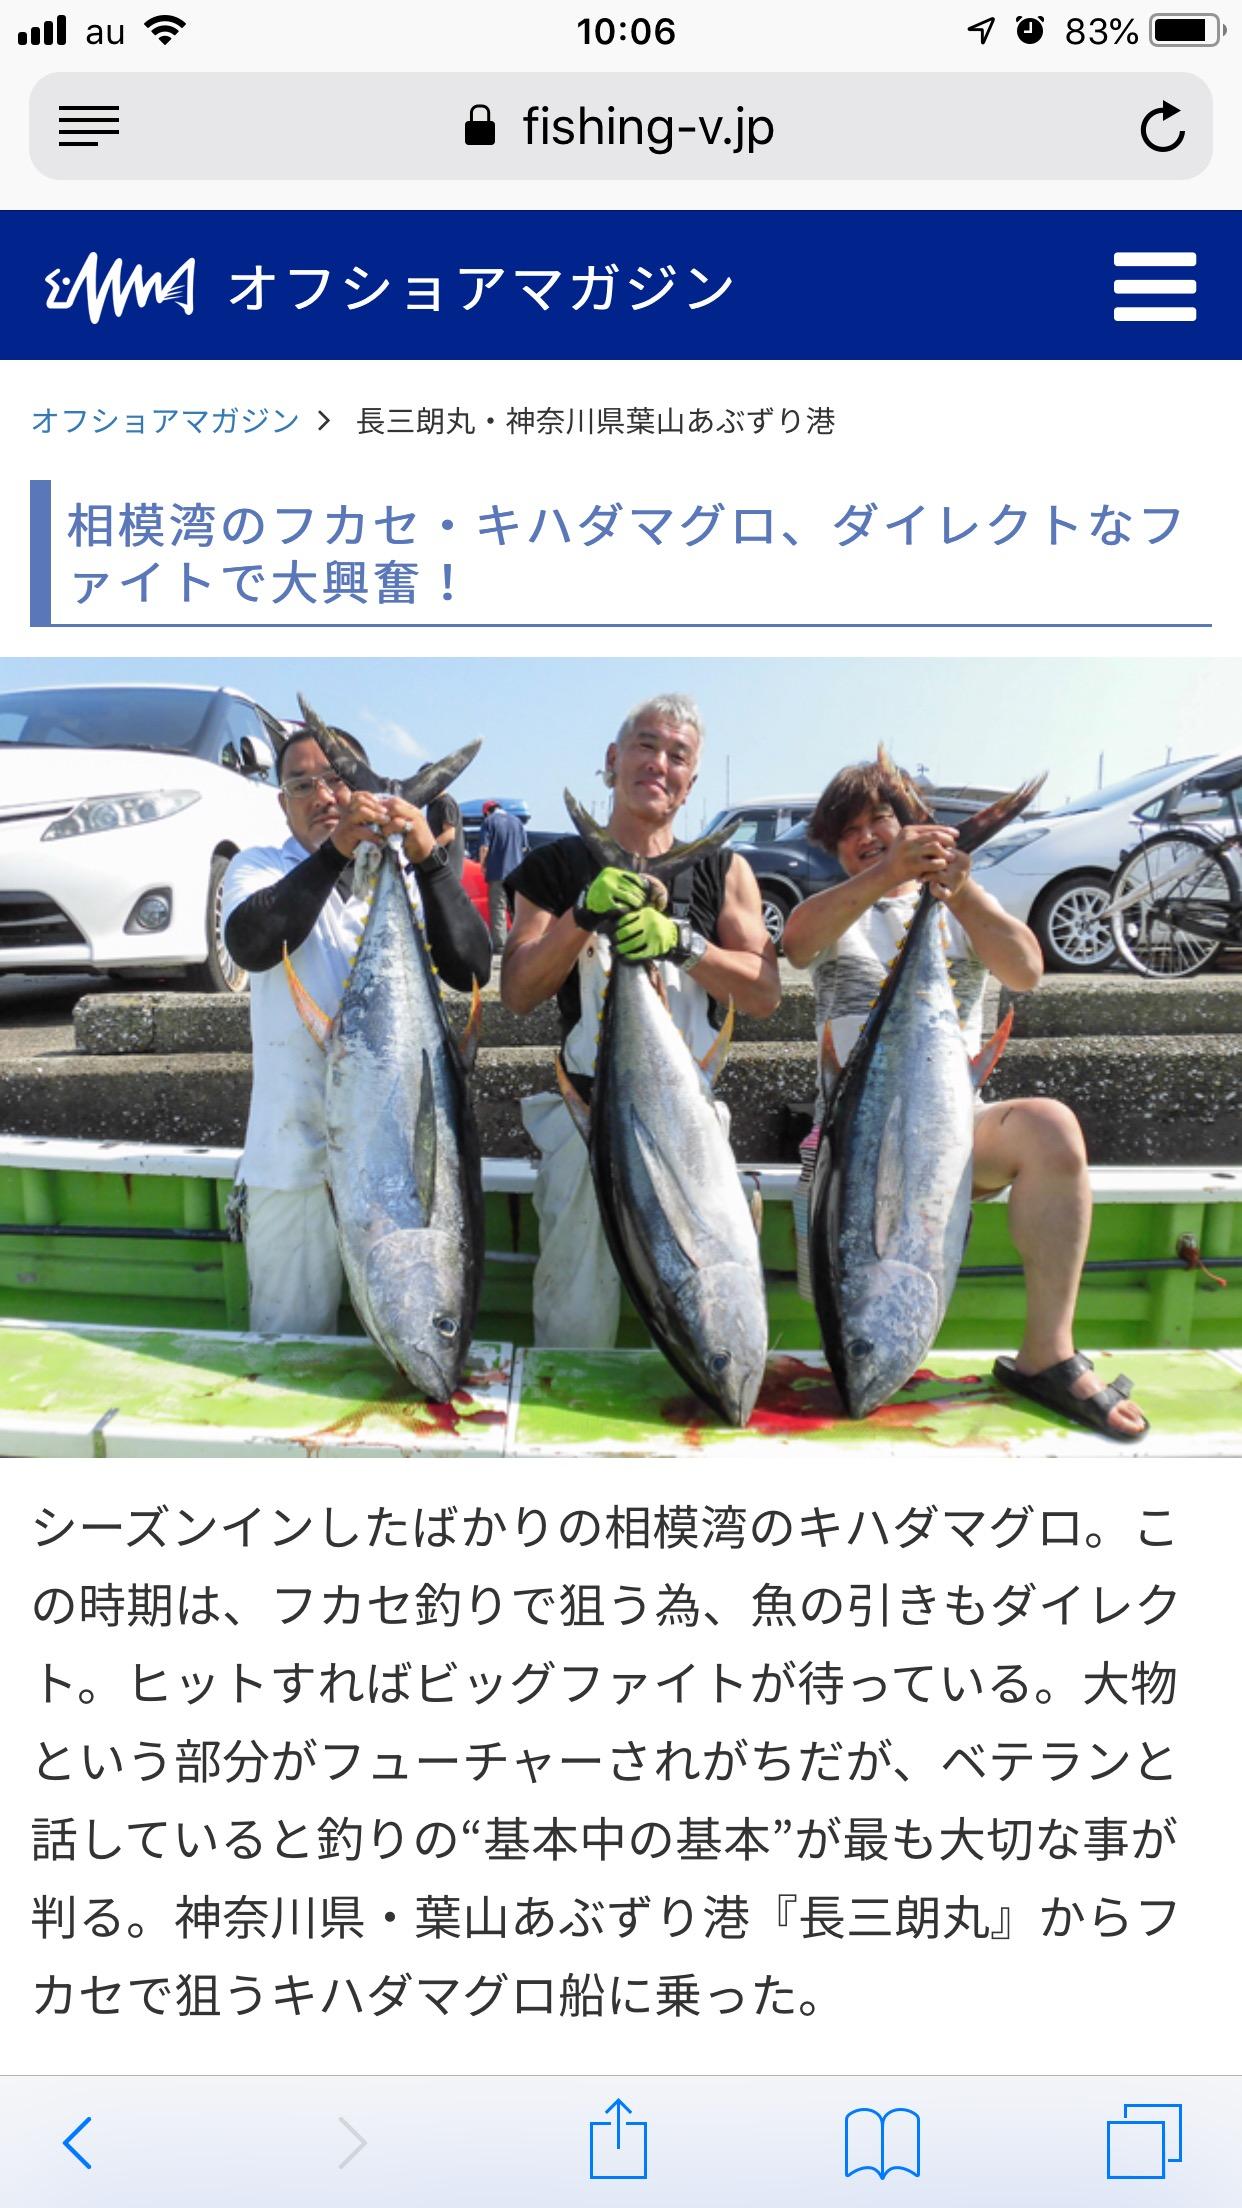 マグロ釣りの結果